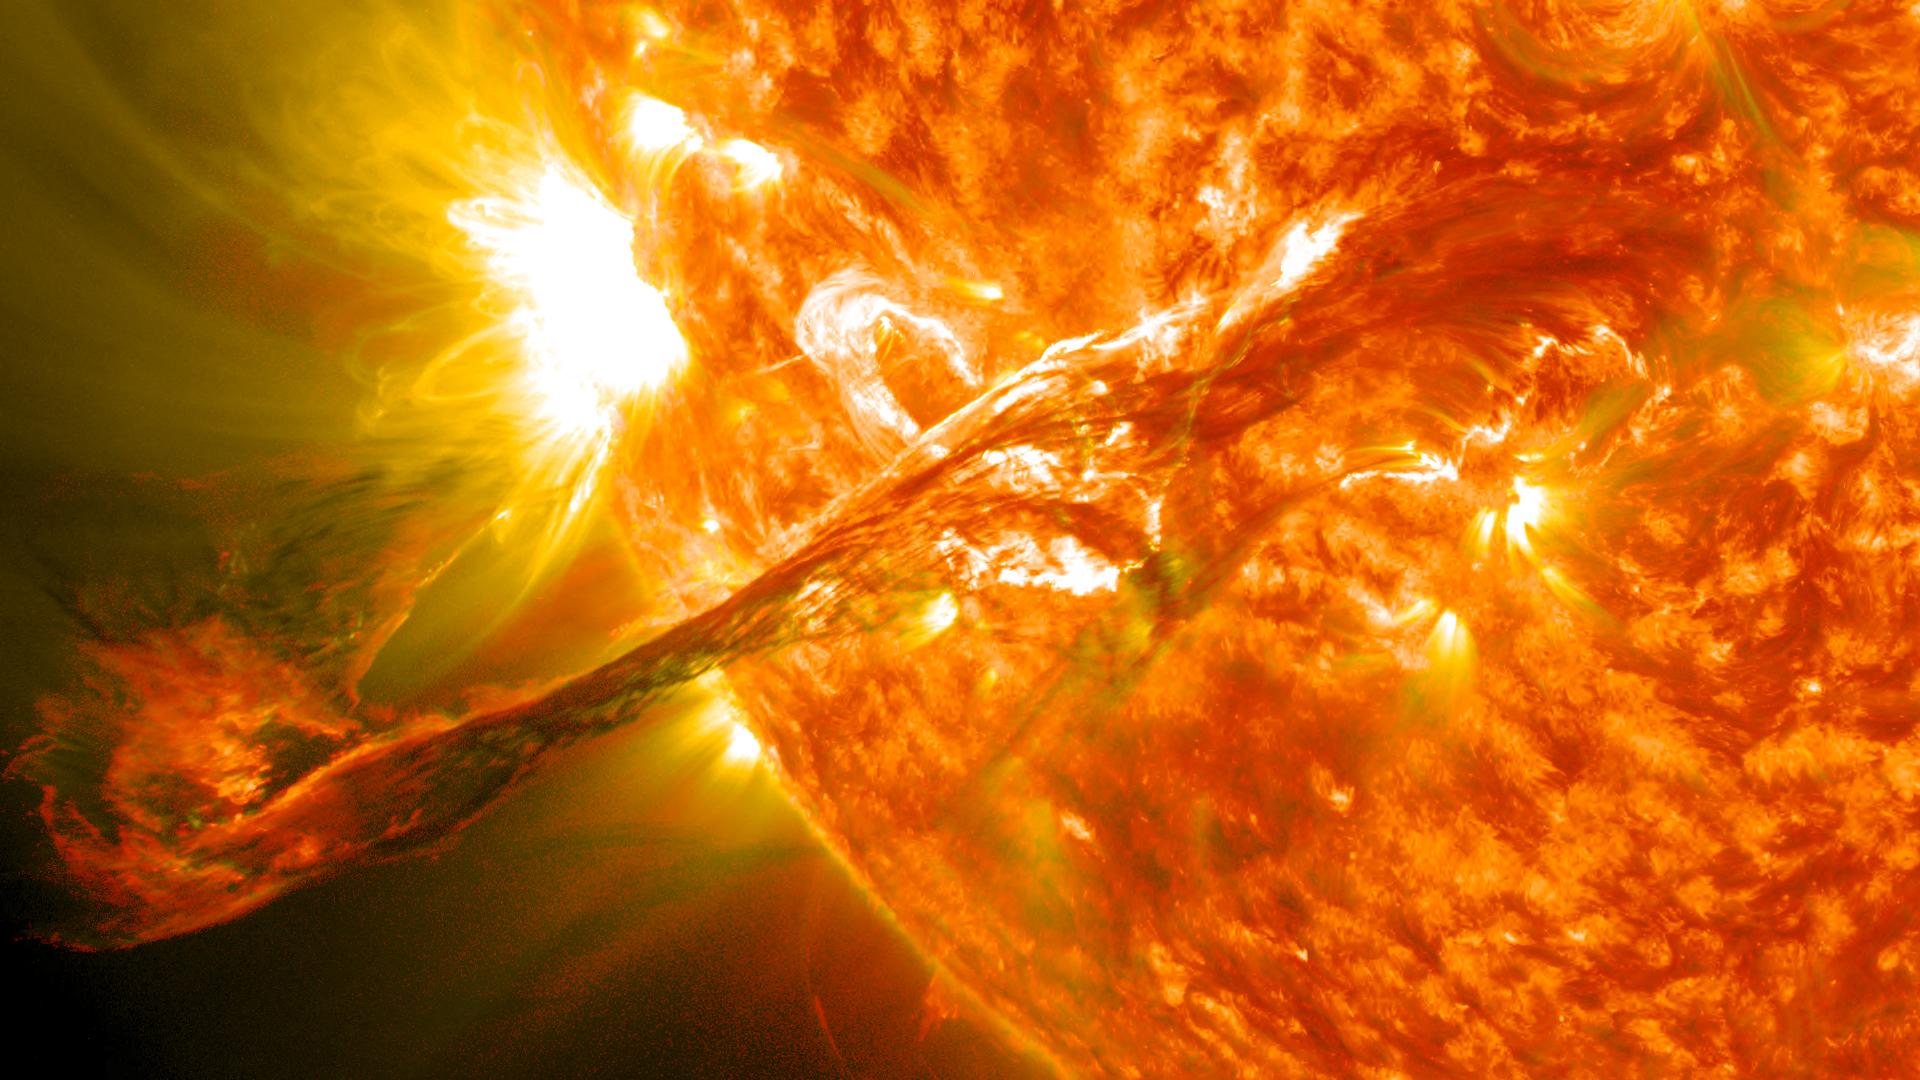 Выброс плазмы из солнечной короны (31 августа 2012)